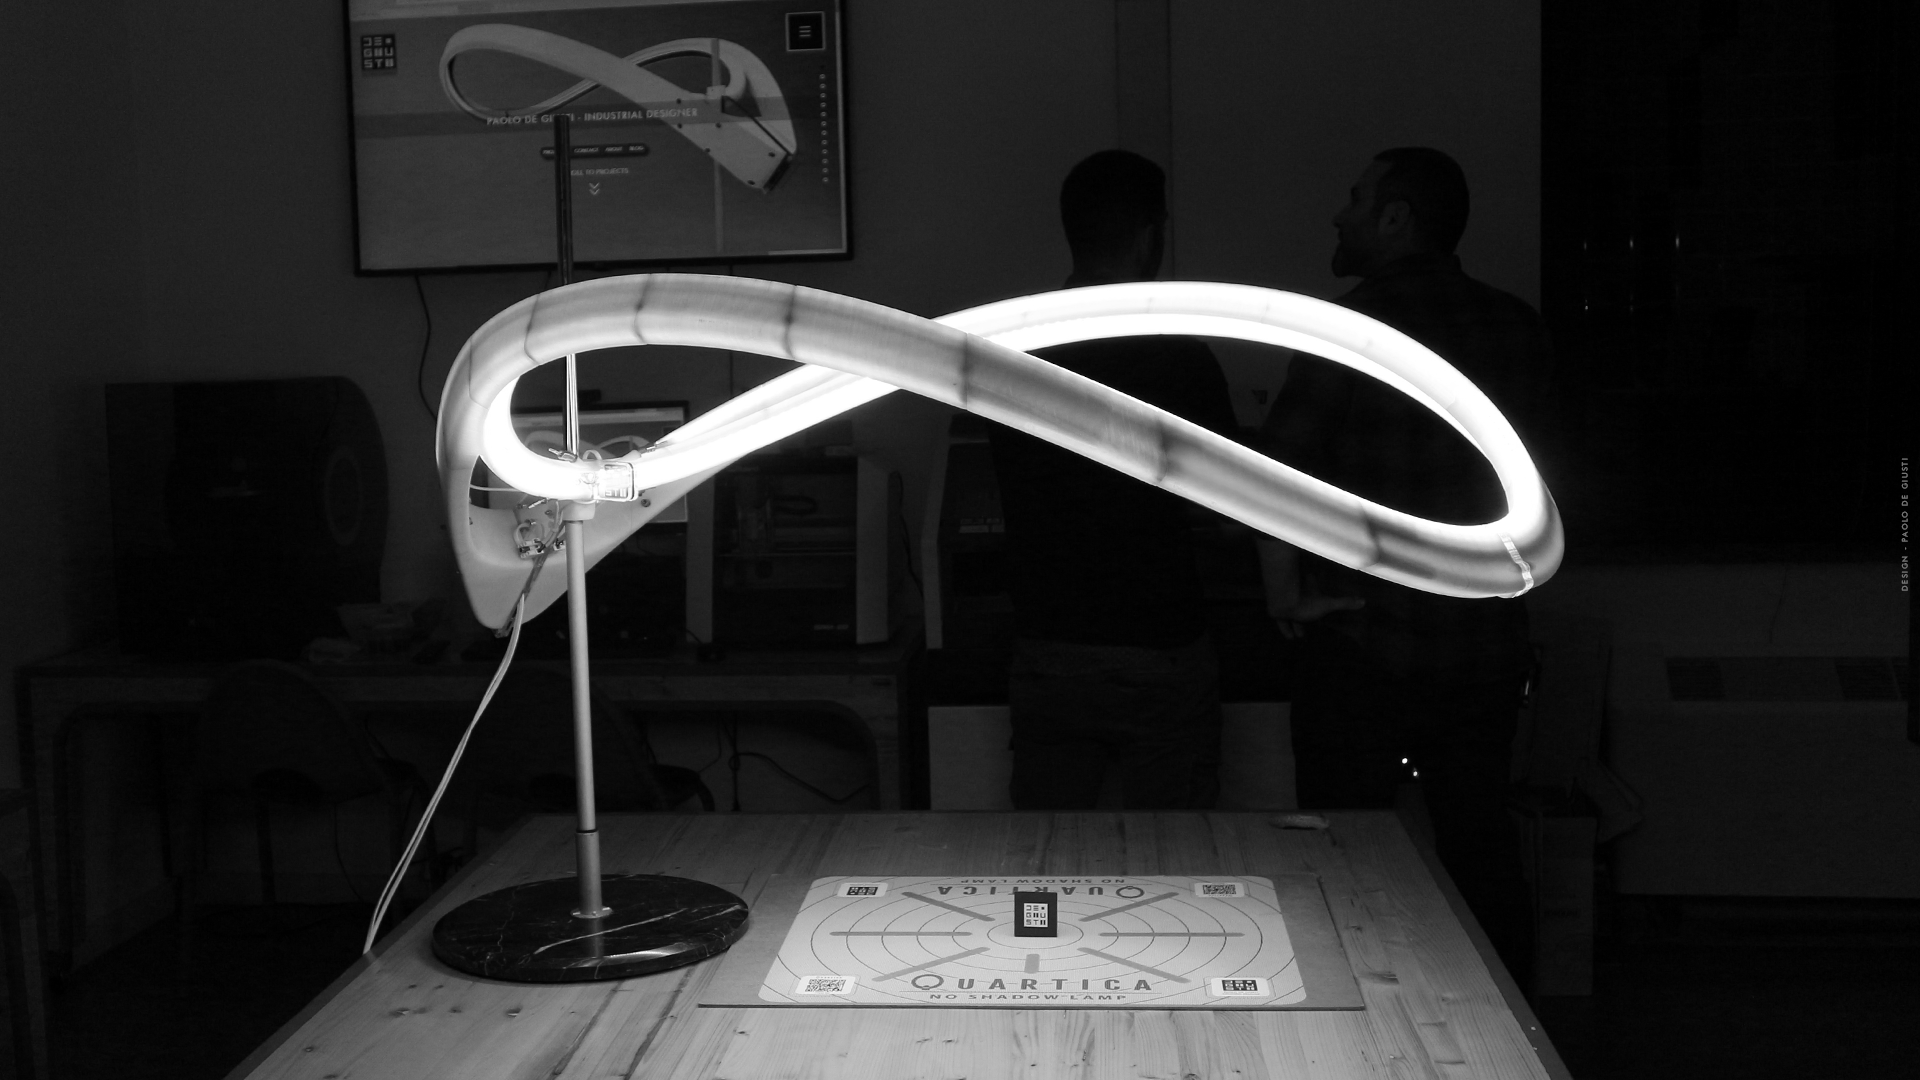 PAOLO DE GIUSTI QUARTICA LAMP AT MAKERFAIRE ROME 2018 FABLAB LAZIO LAZIOINNOVA STAND 3D PRINTED NO S